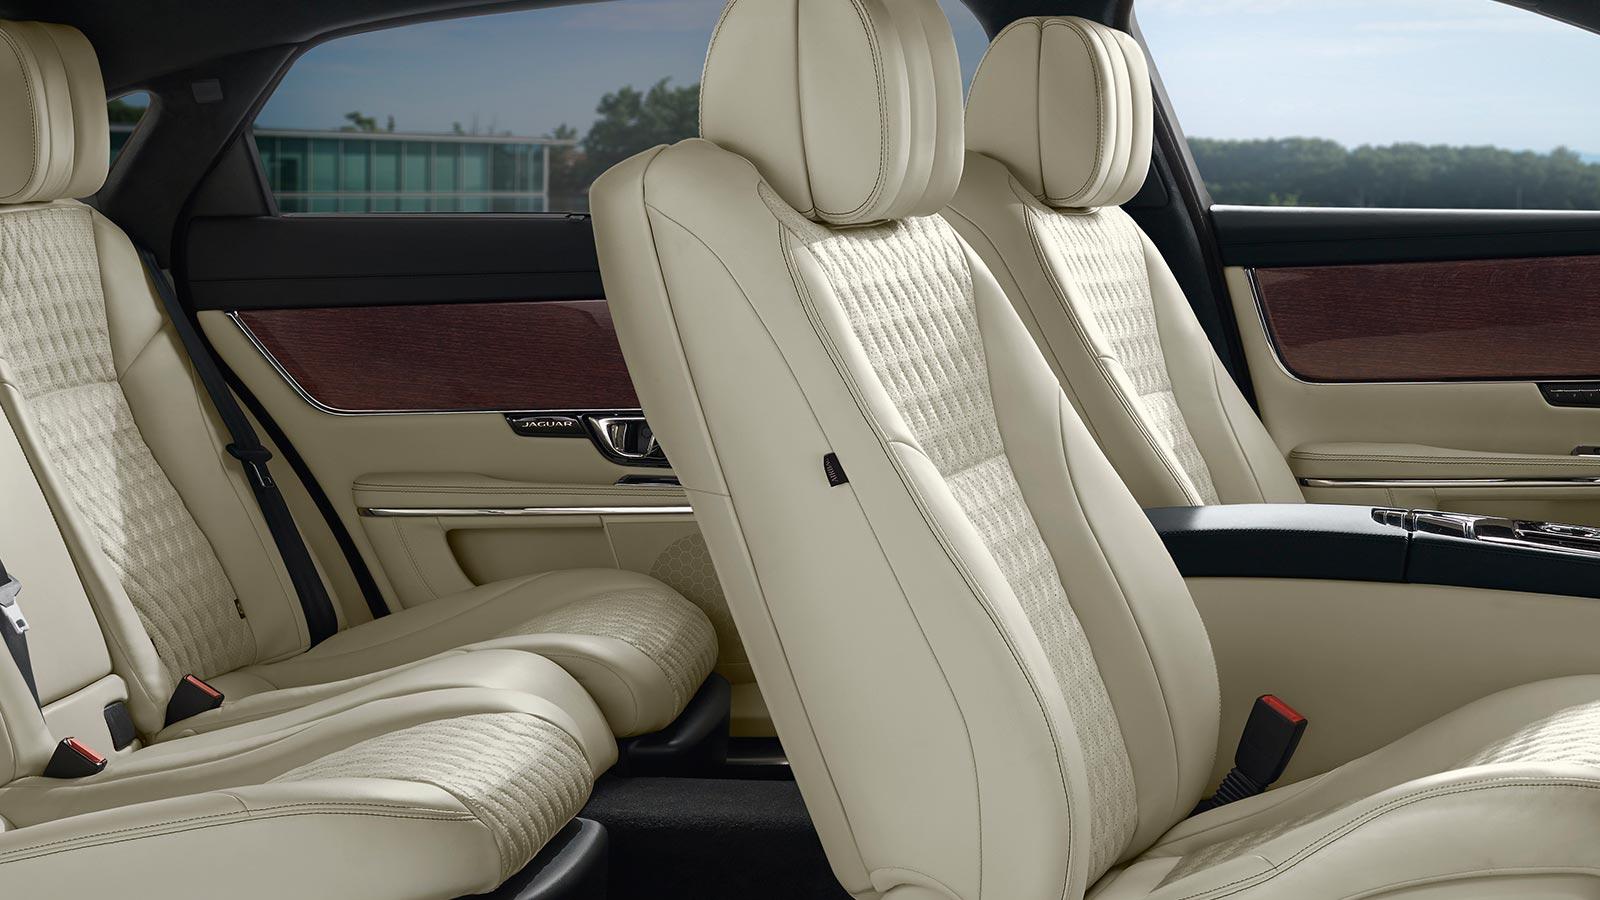 Jaguar XJ 3.0d V6 XJ50 image 11